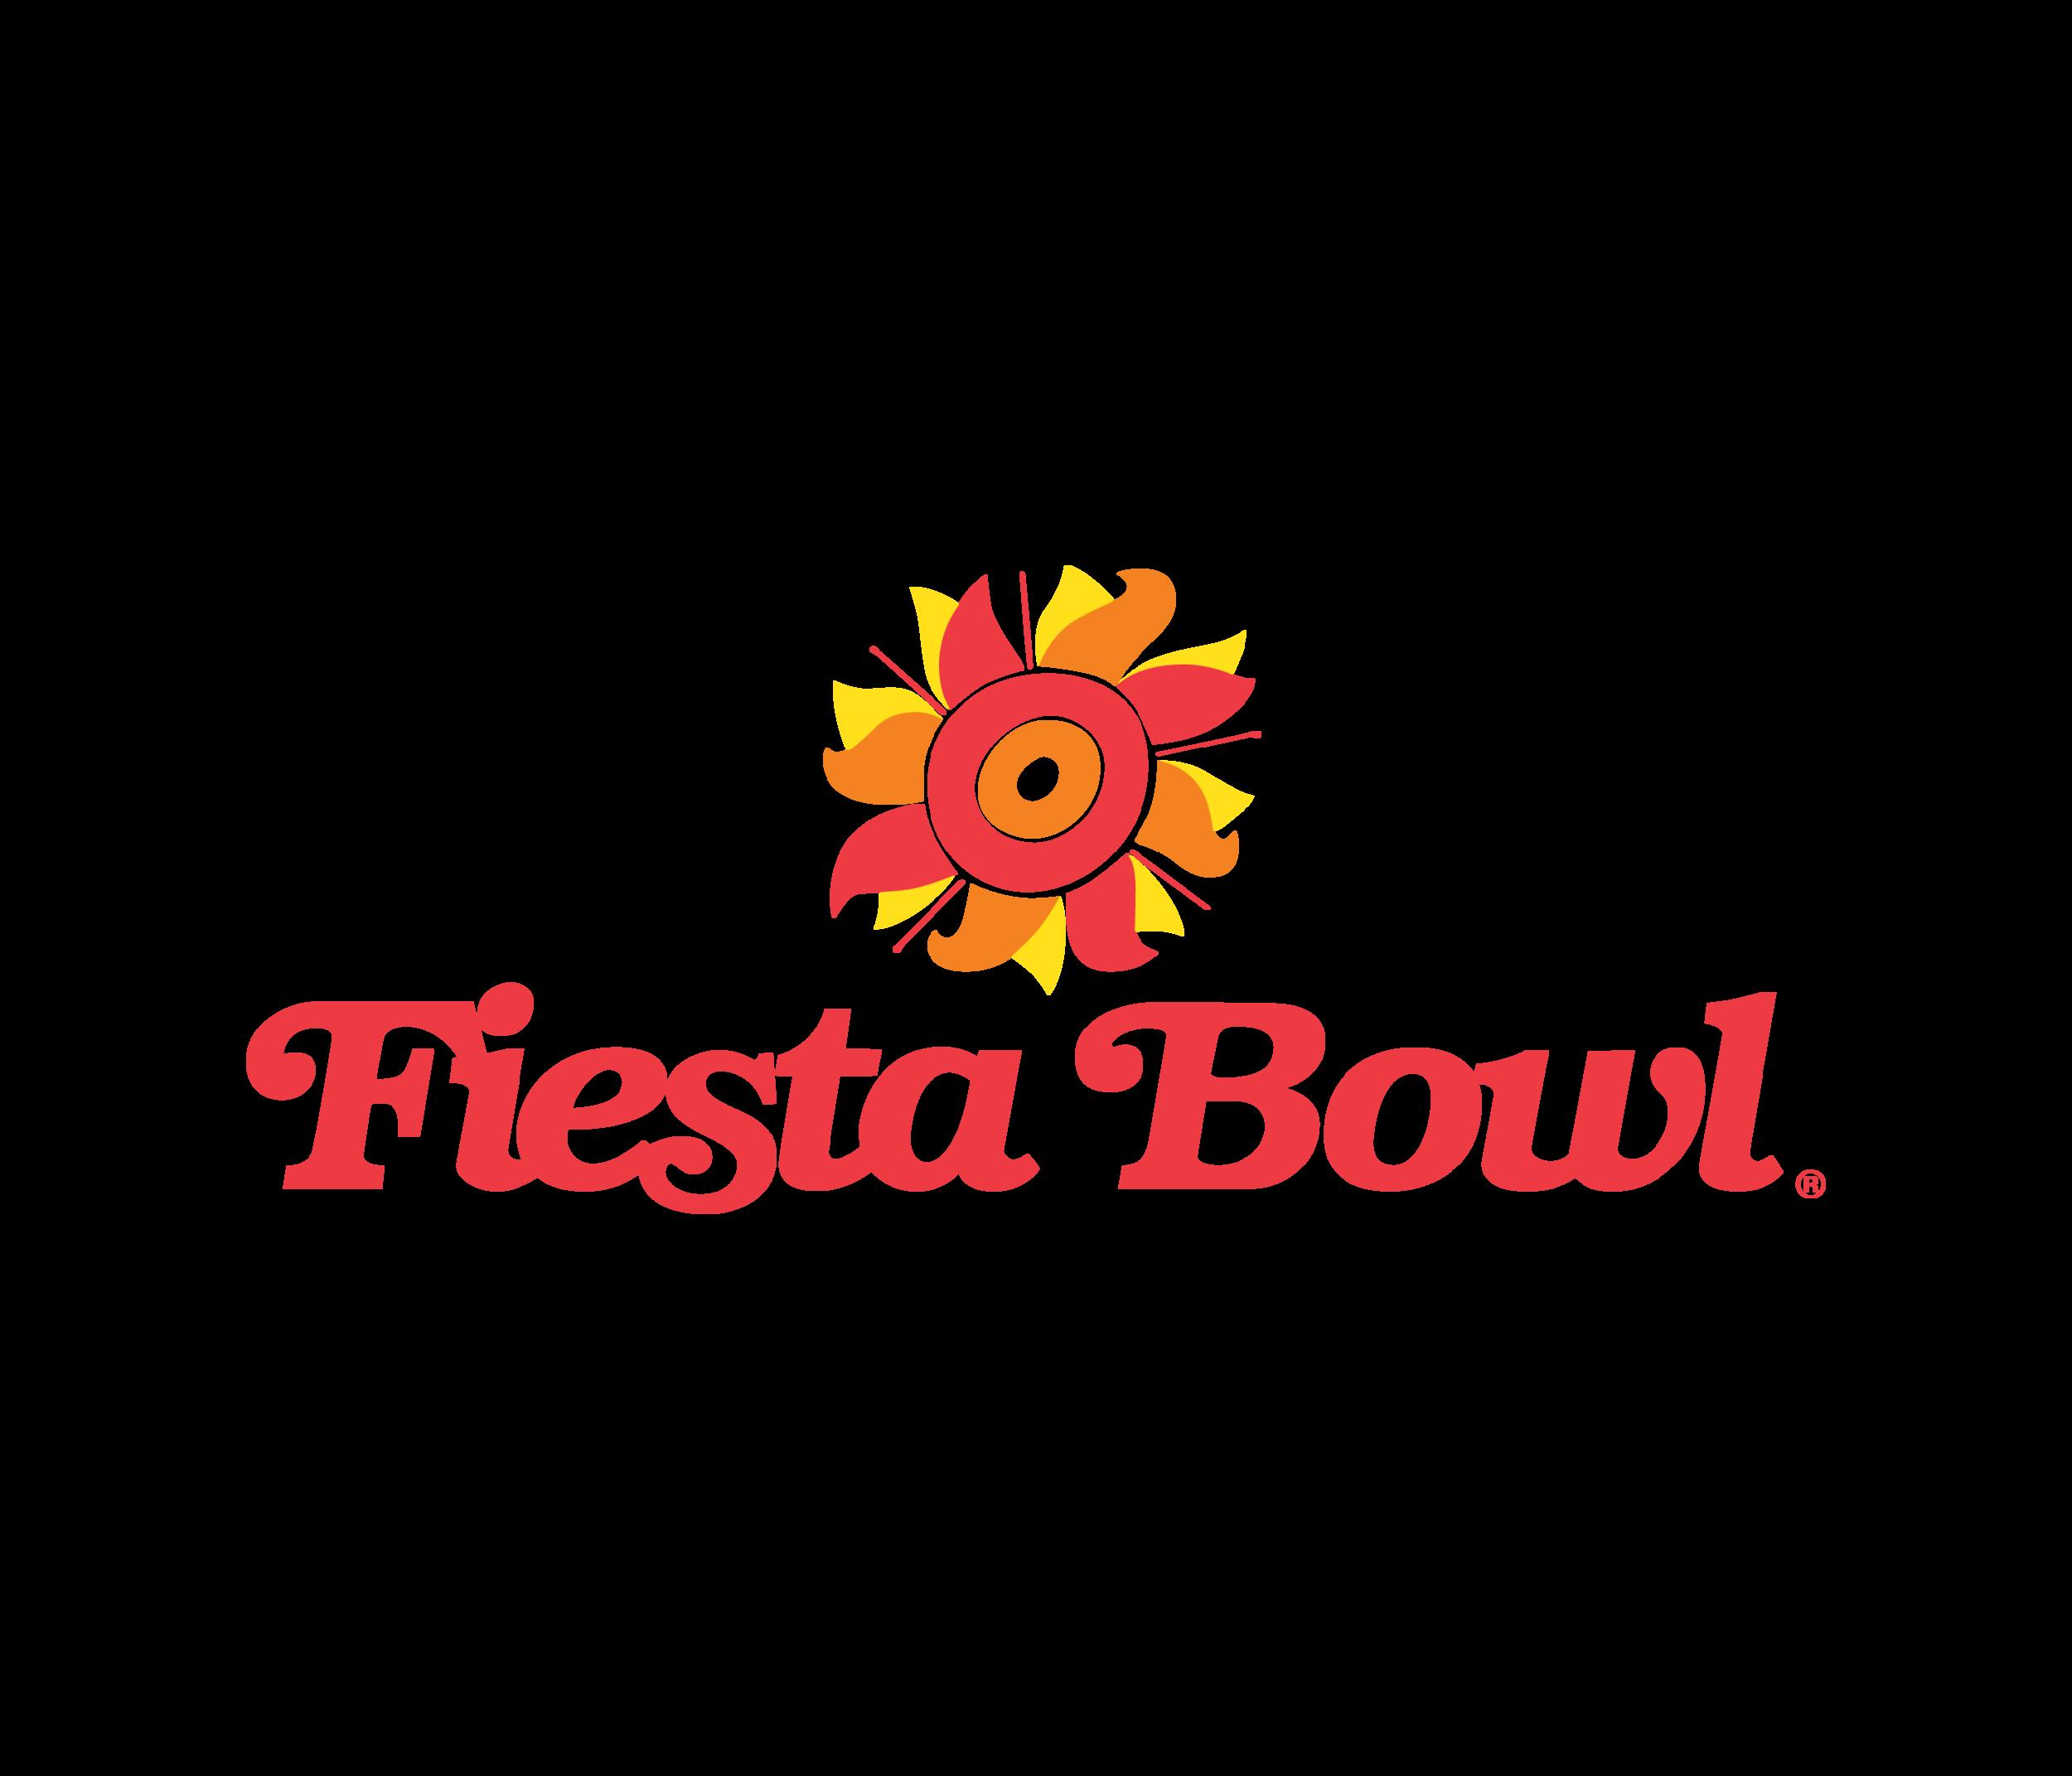 logo-fiesta-bowl-stacked-large.png